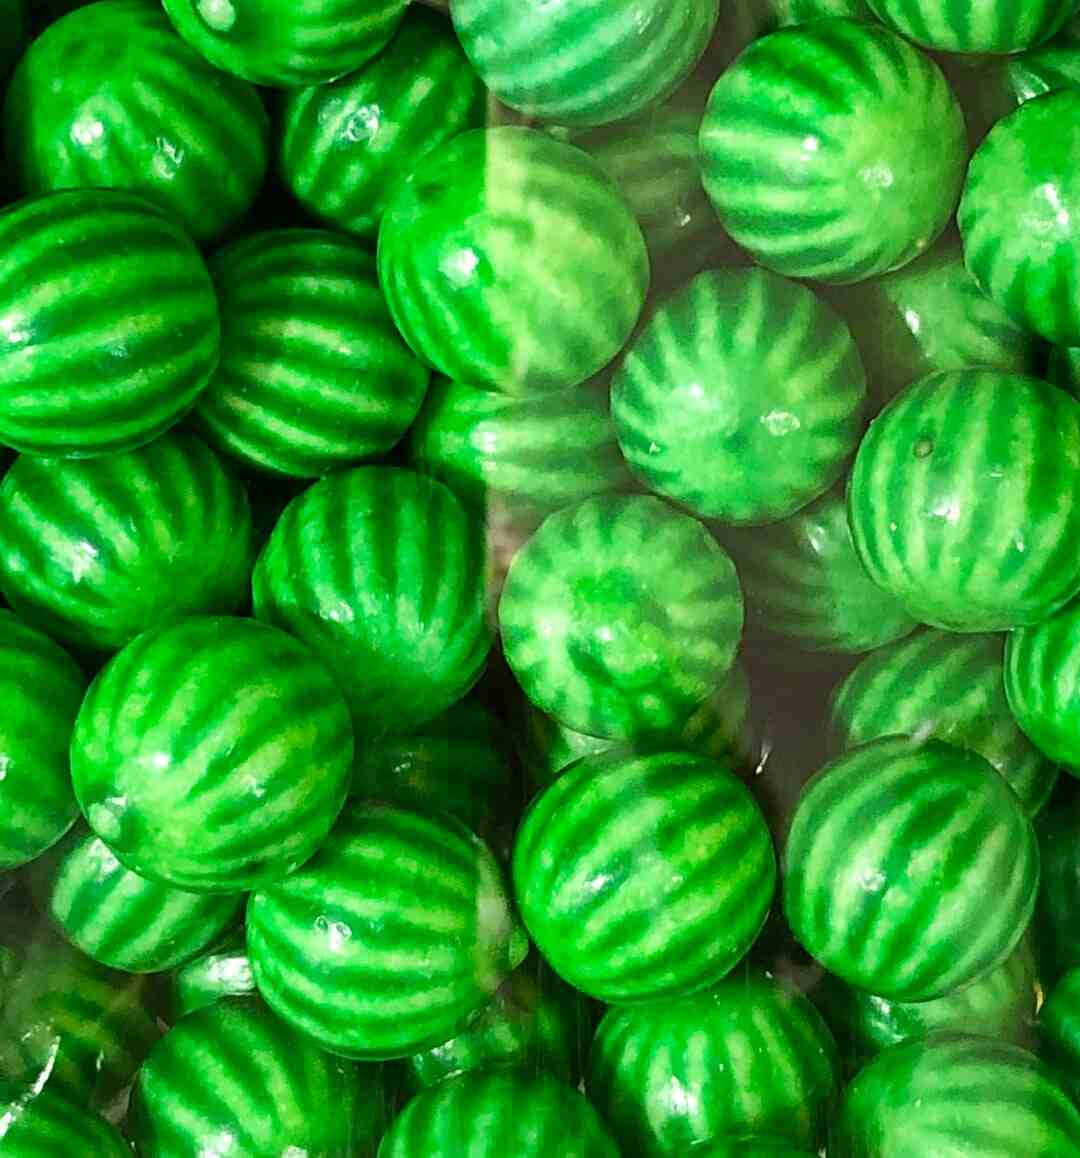 Comment pincer les melons